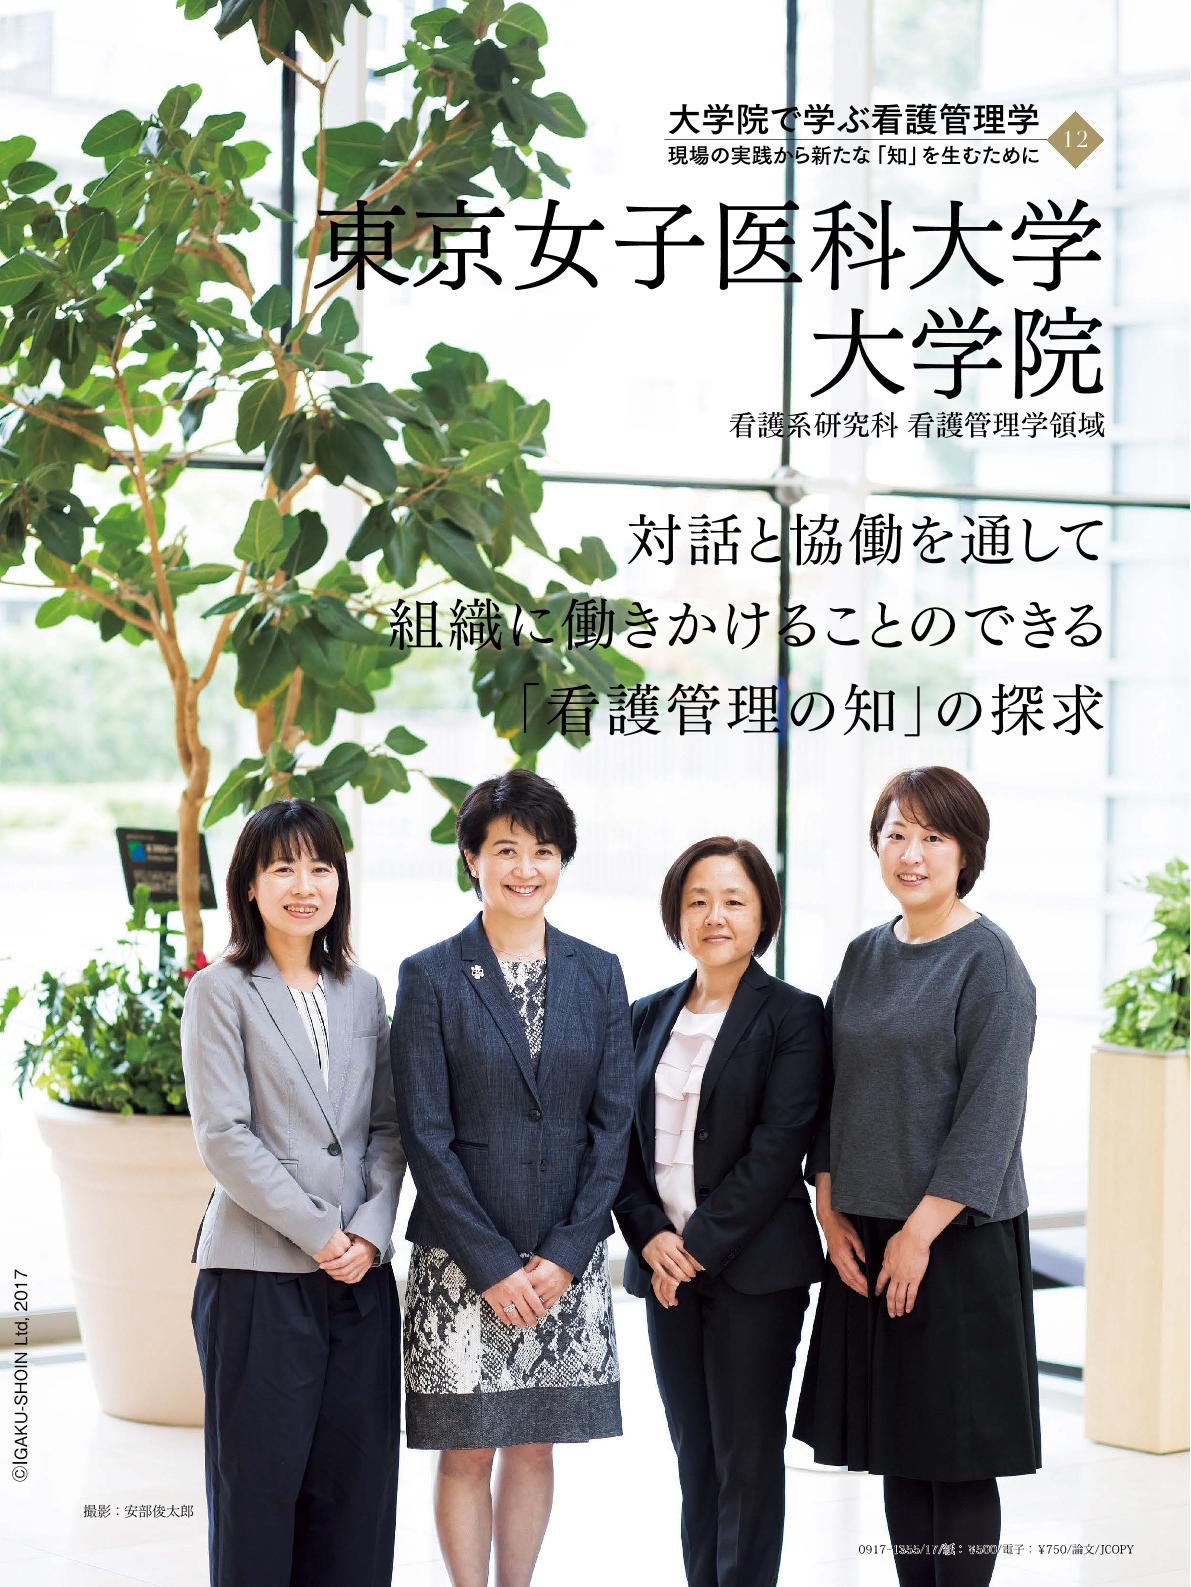 東京 女子 医科 大学 看護 学部